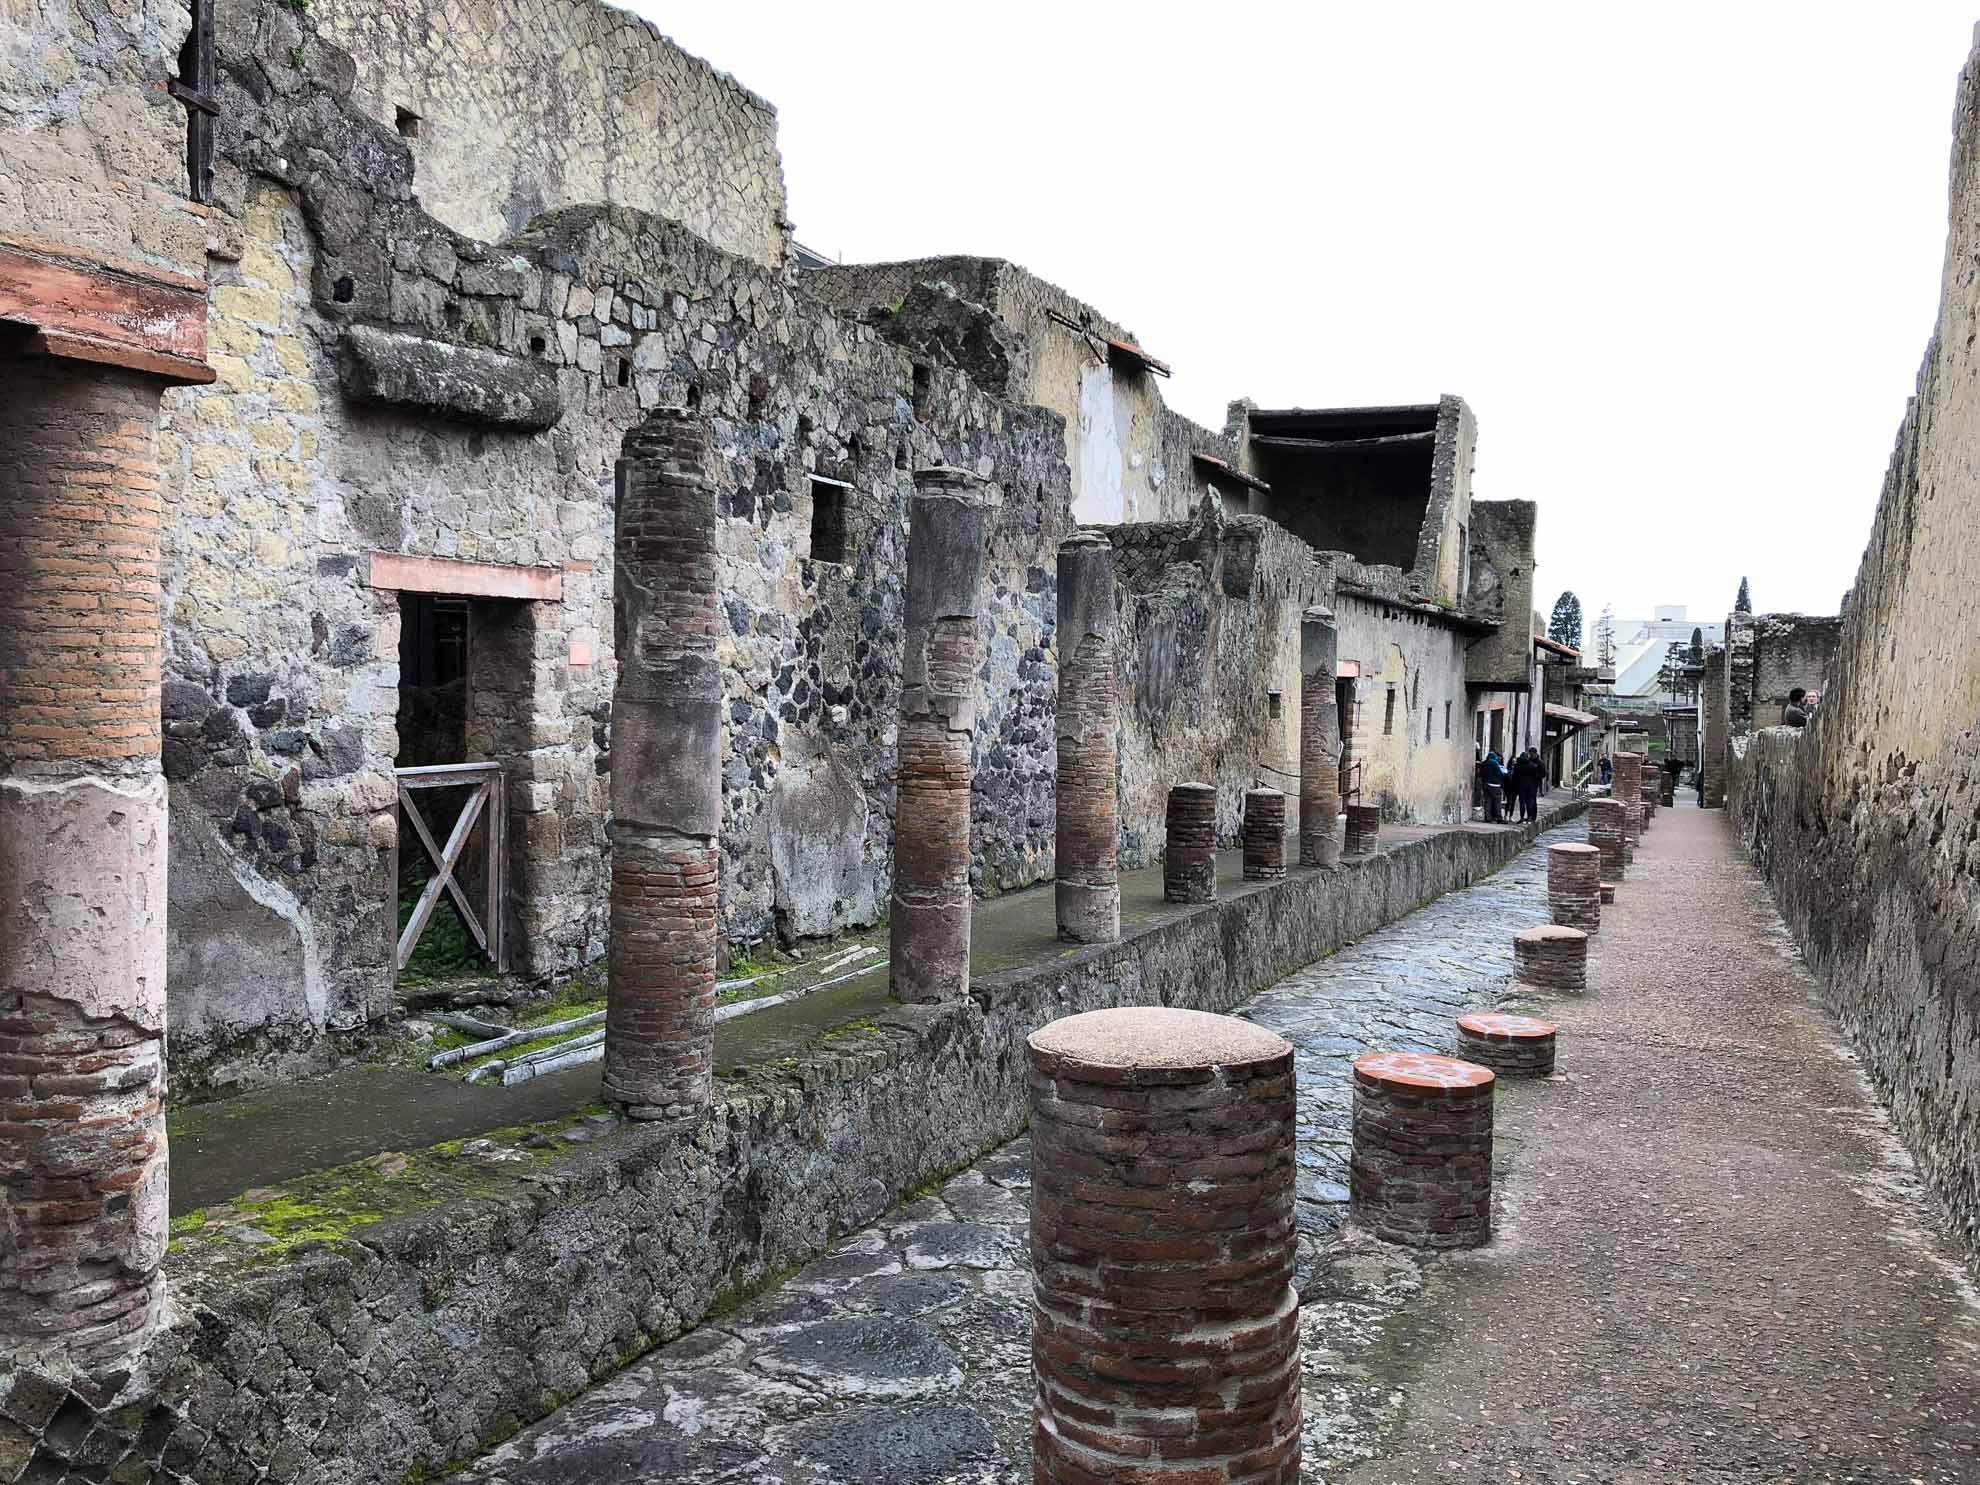 Herculaneum Ist weniger touristisch als Pompeji, aber mindestens genauso beeindruckend – und mitunter sogar besser erhalten.